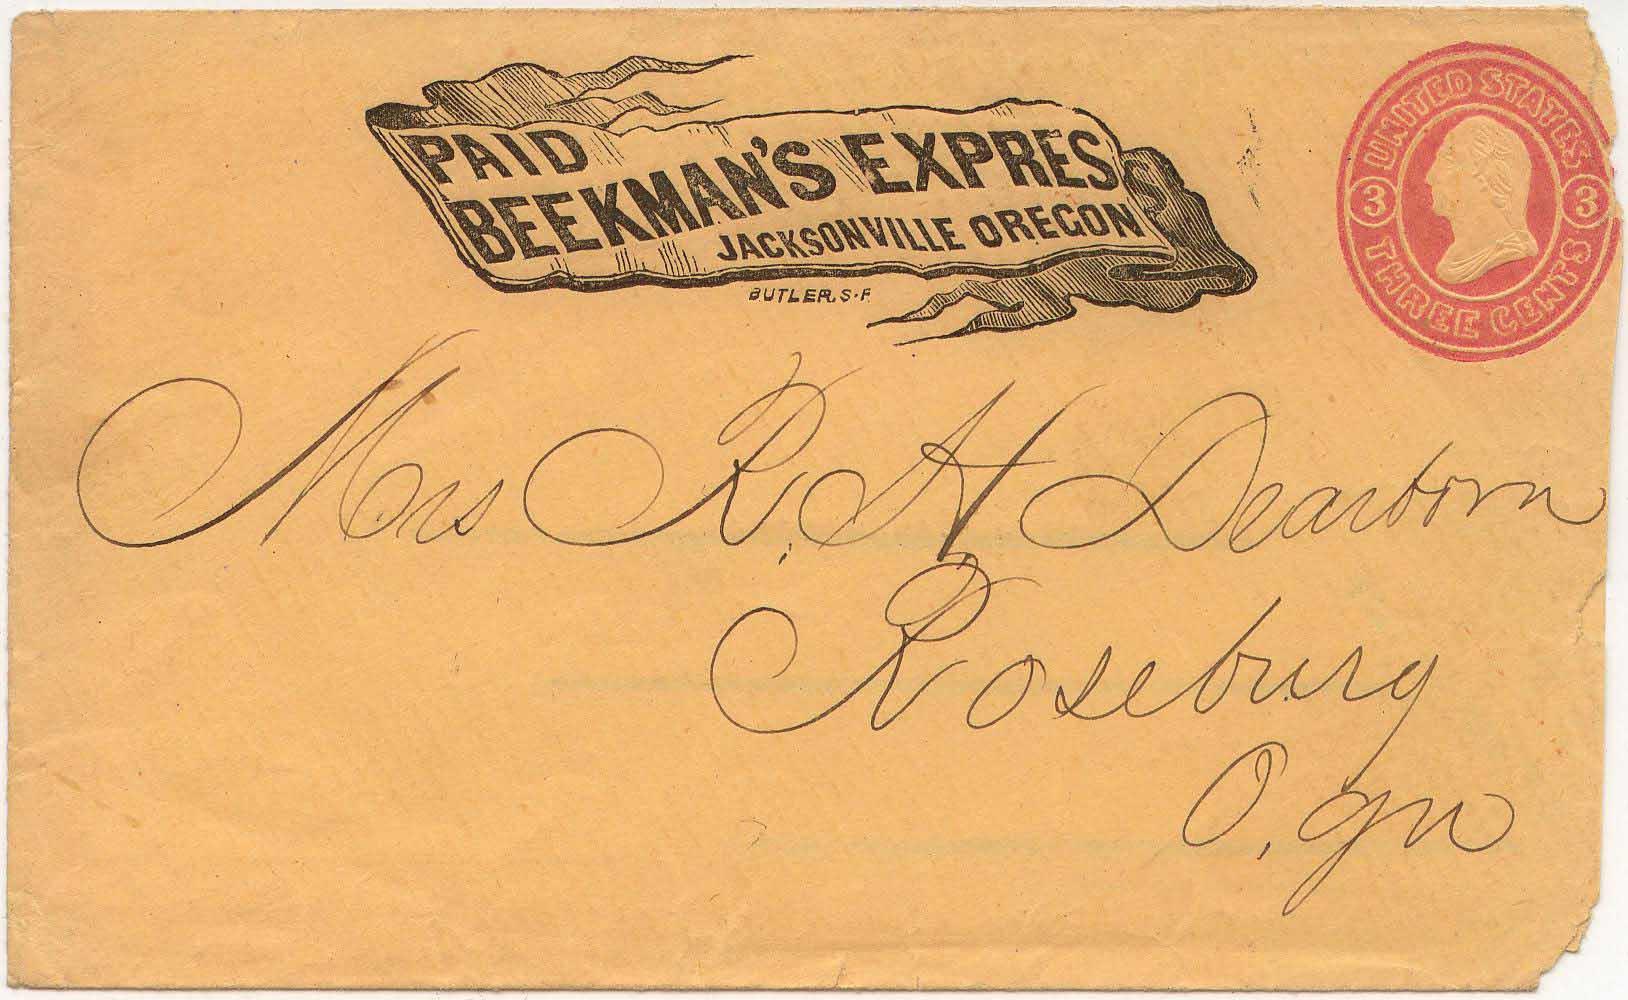 Beekmans Frank Jacksonville 0903 Mader